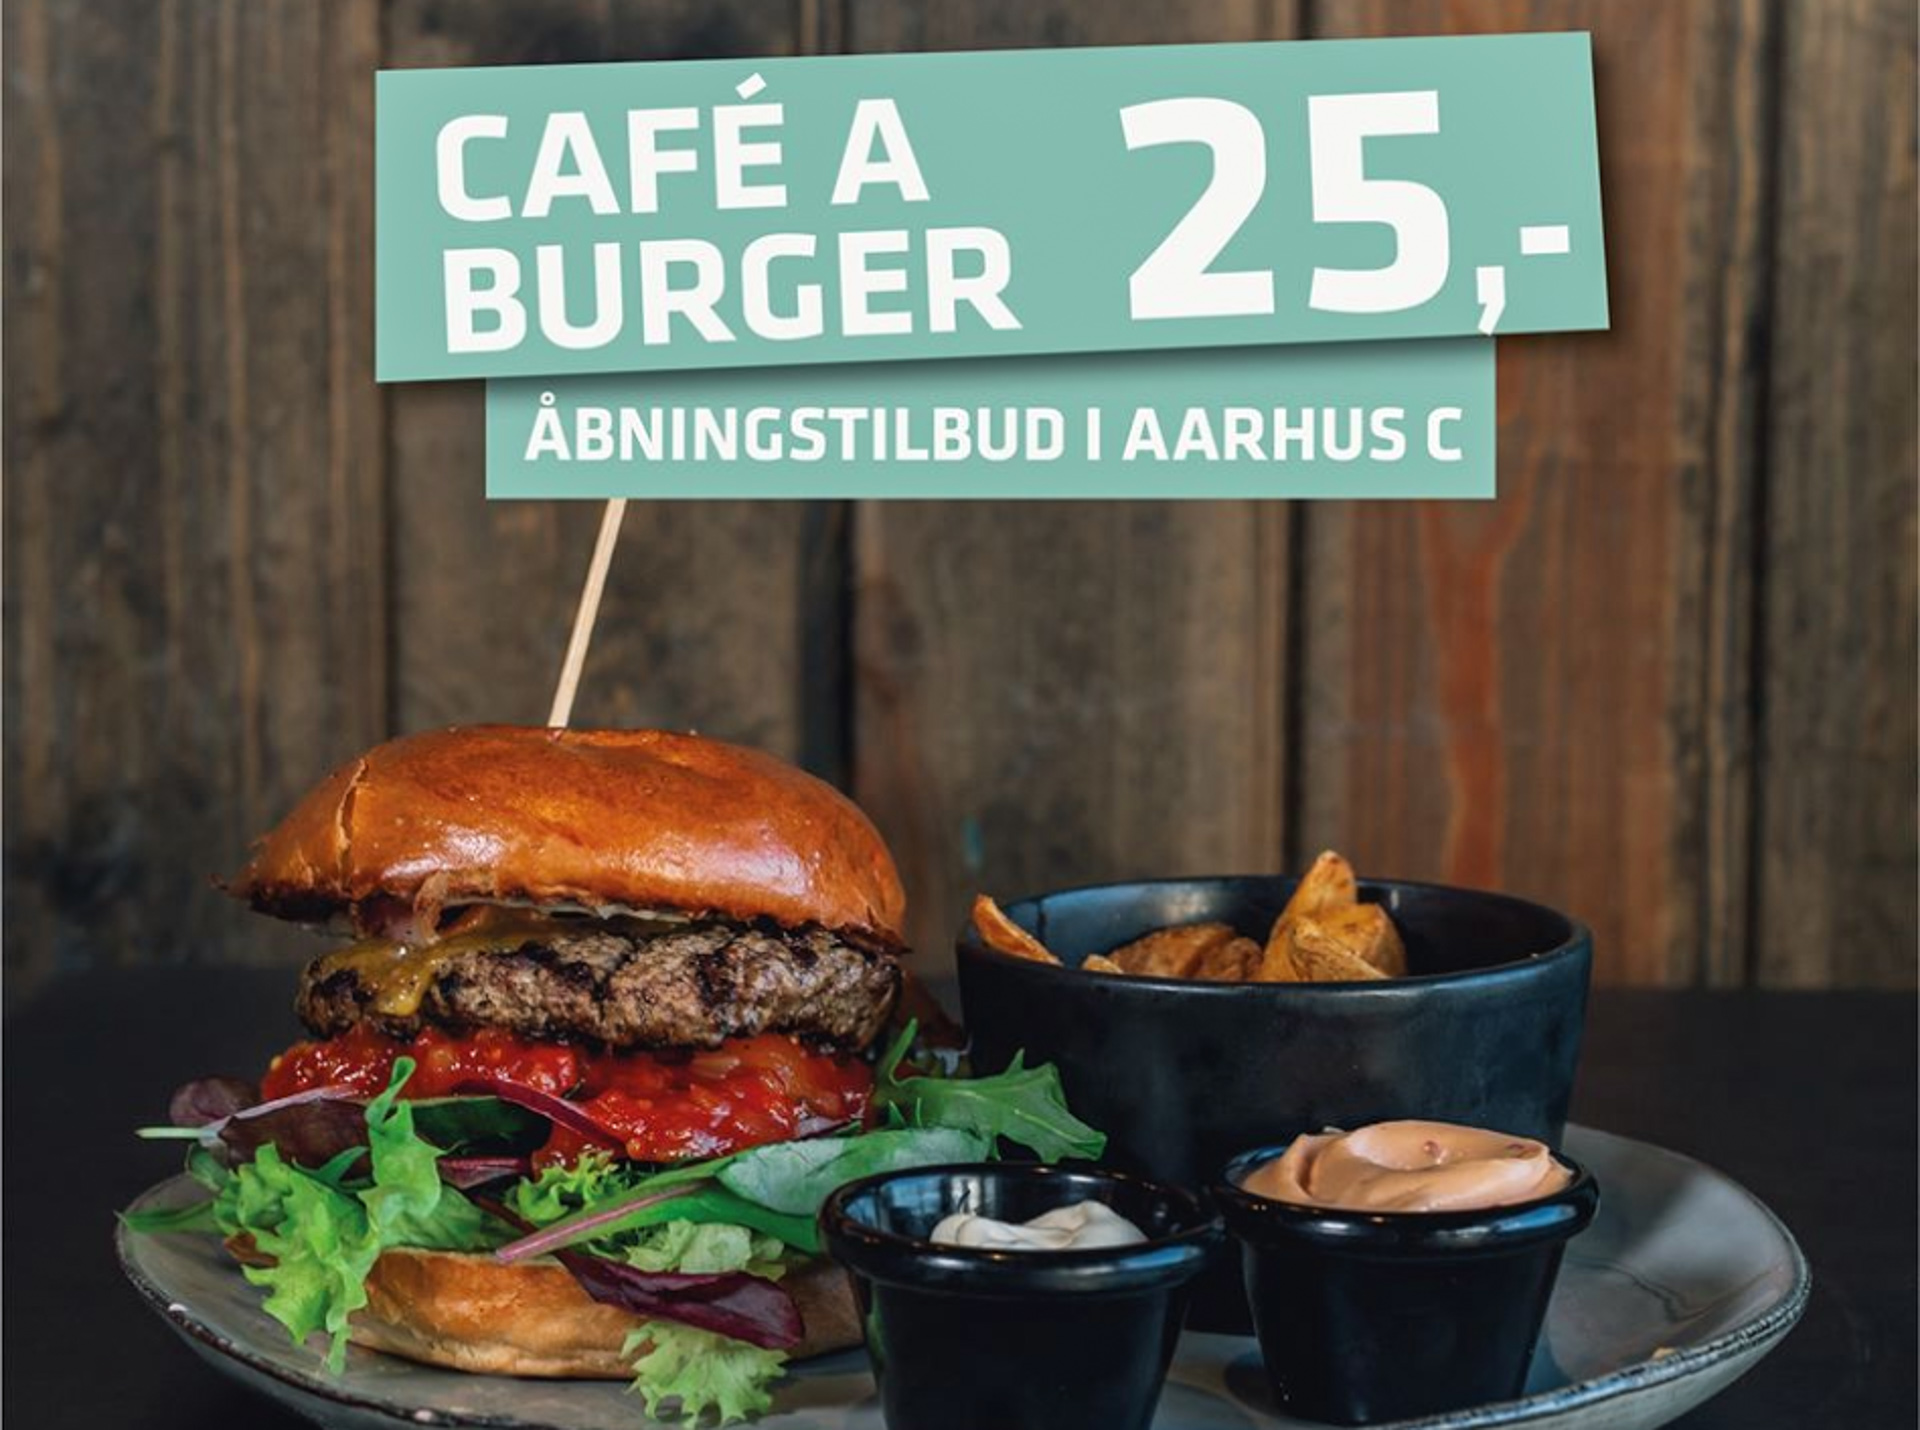 Café-kæde åbner i Aarhus: Burger og oksefilet til 25 kr.